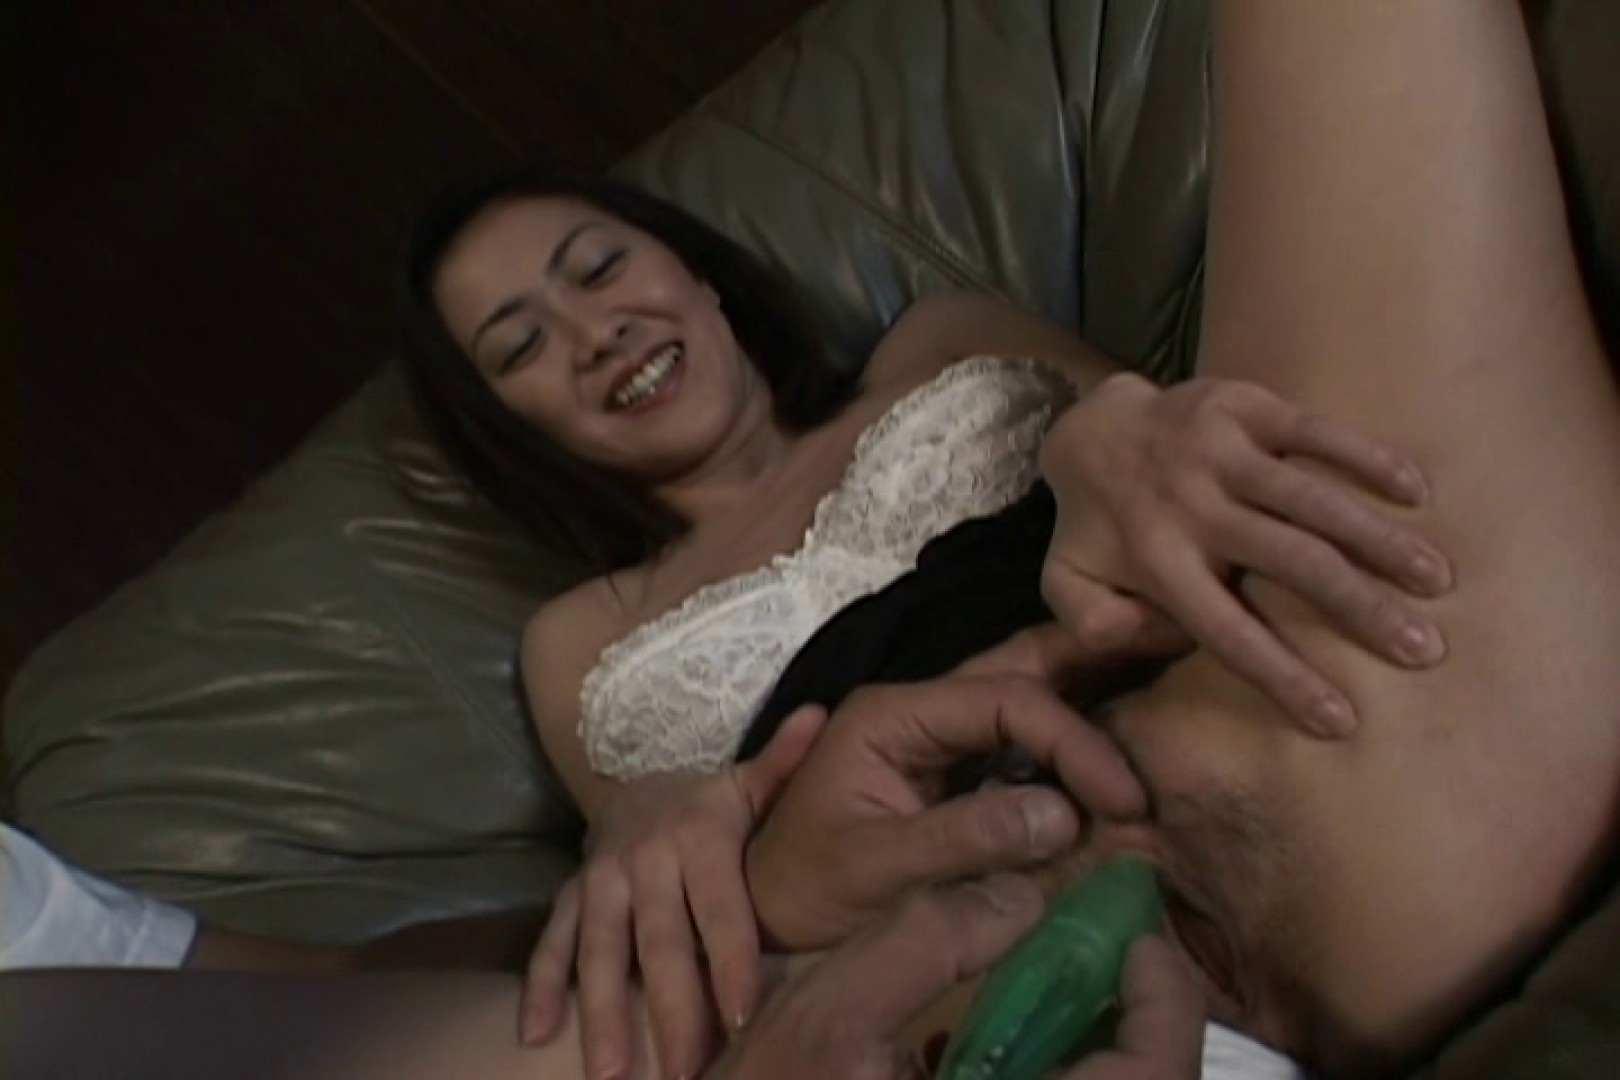 巨乳 乳首:昼間の奥様は欲求不満 ~桜田&小山~:大奥